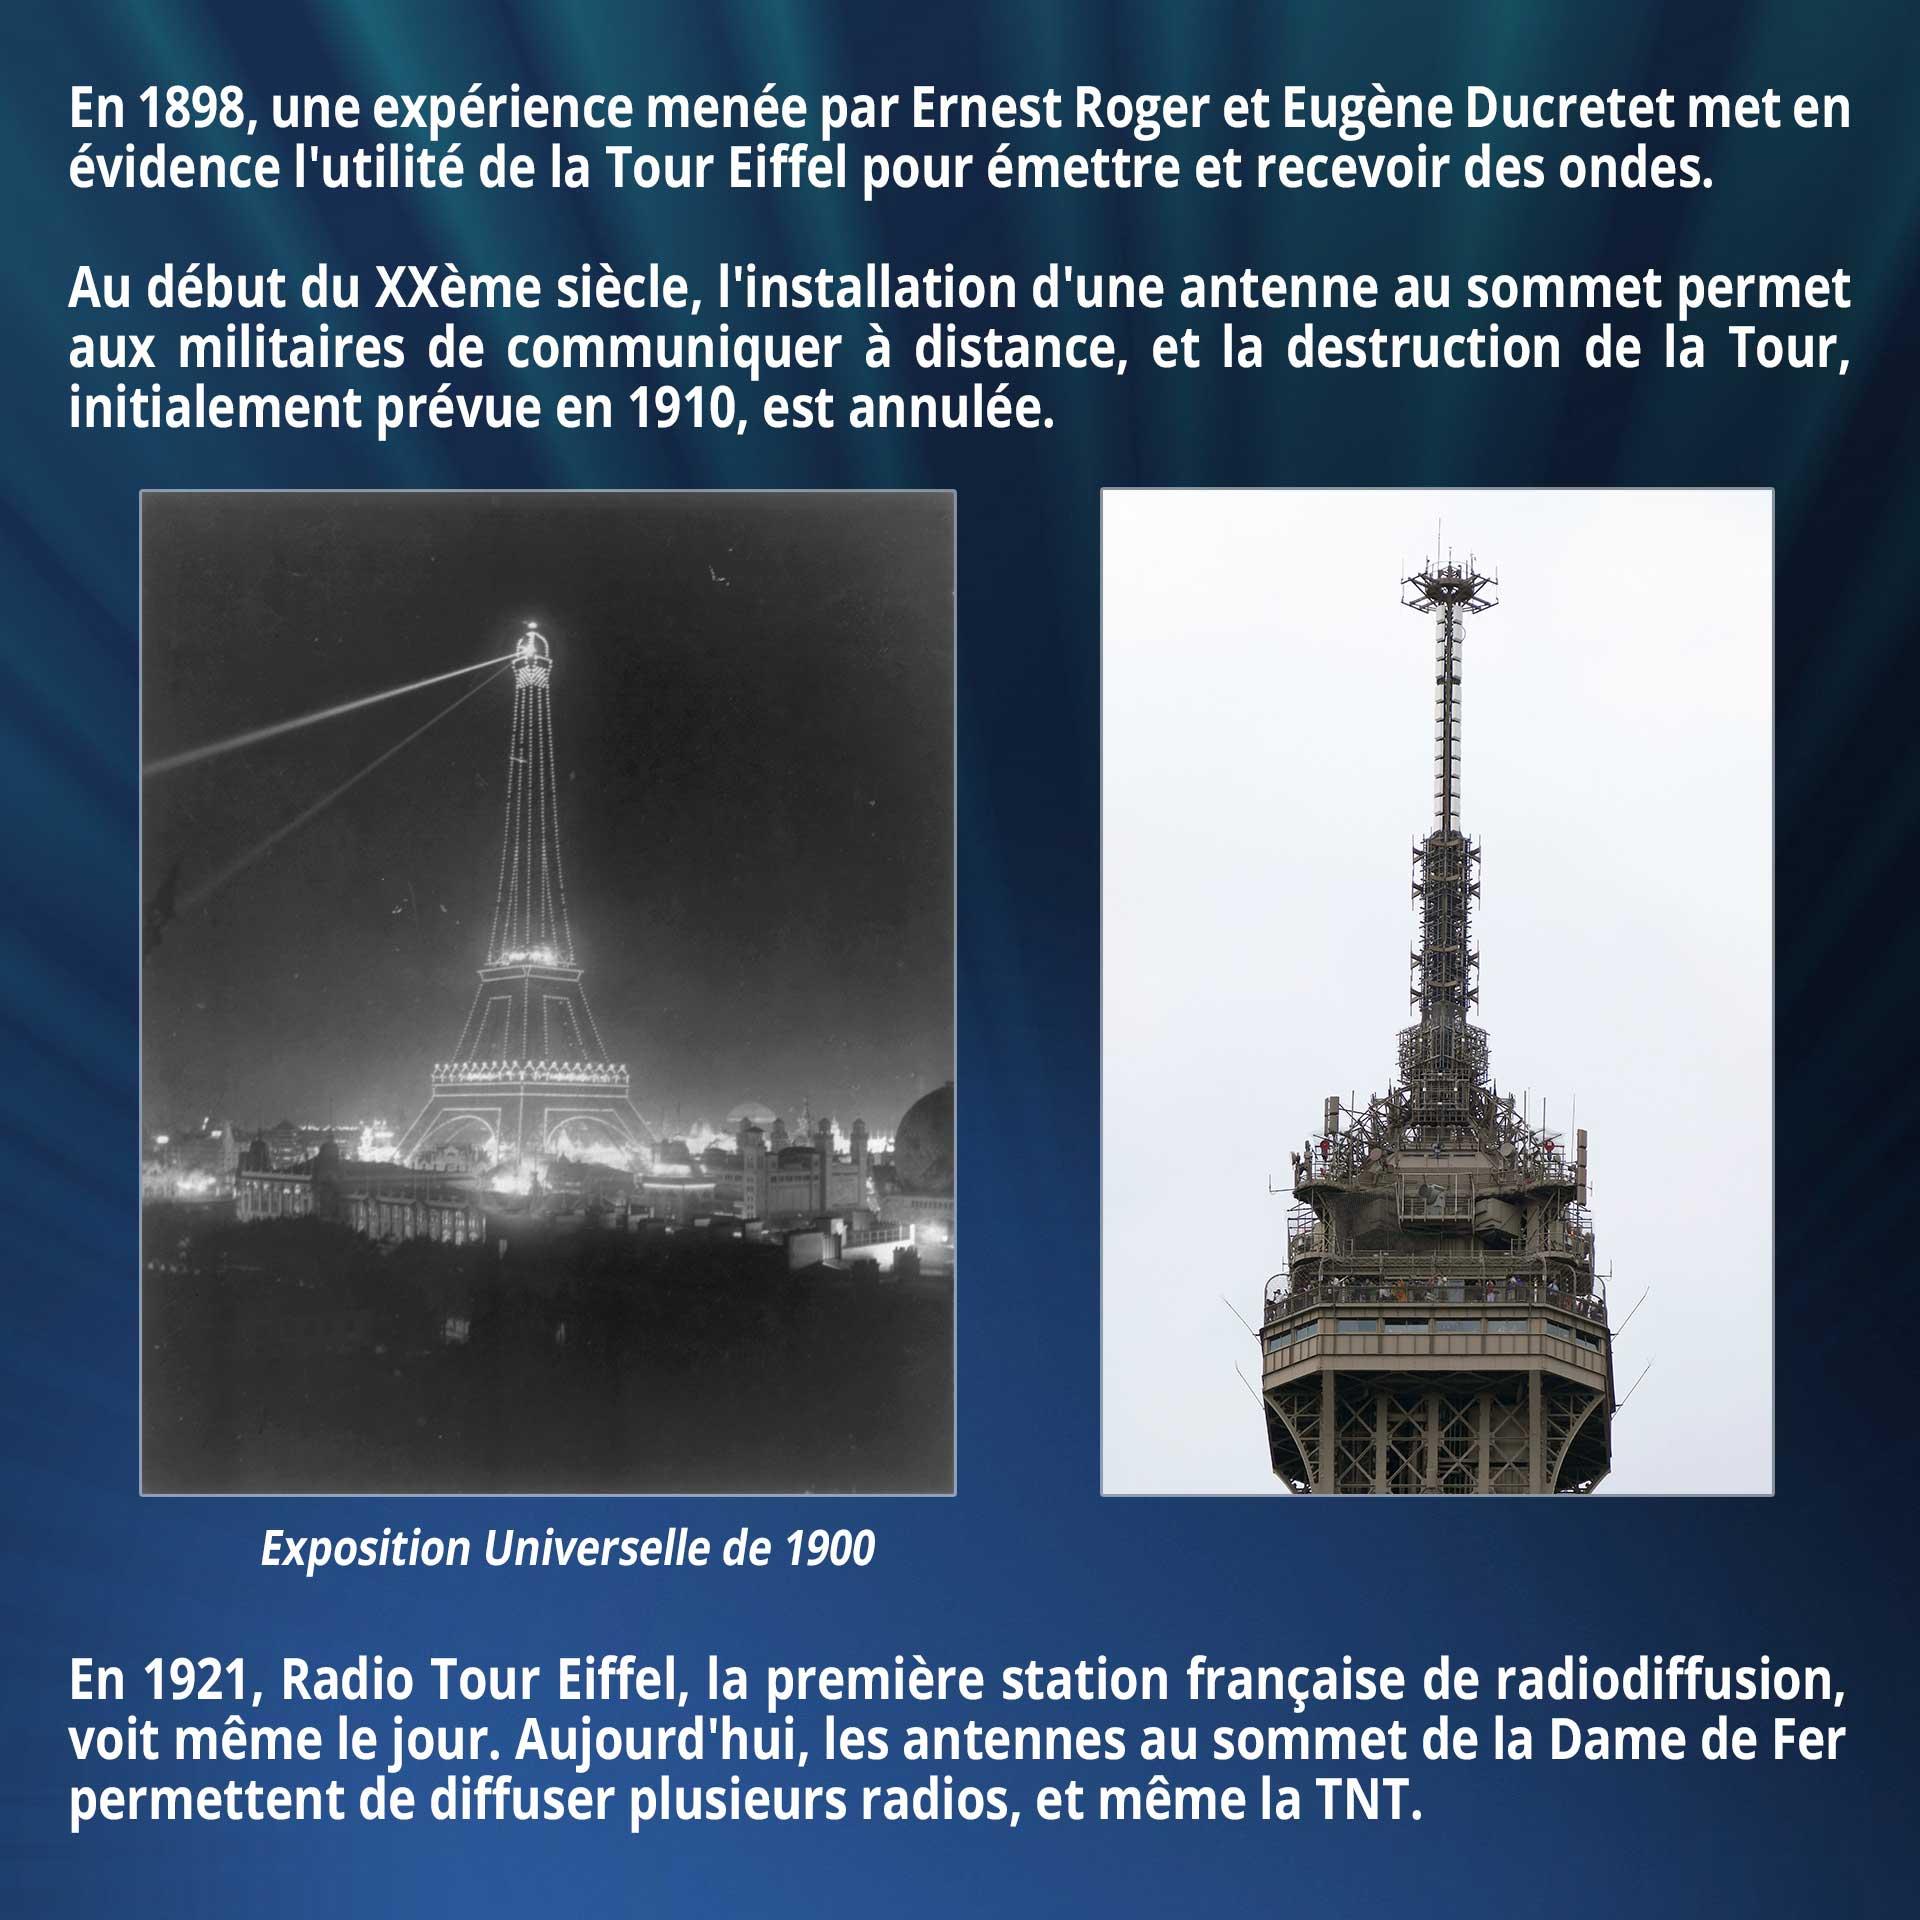 En 1898, une expérience menée par Ernest Roger et Eugène Ducretet met en évidence l'utilité de la Tour Eiffel pour émettre et recevoir des ondes. Au début du XXème siècle, l'installation d'une antenne au sommet permet aux militaires de communiquer à distance, et la destruction de la Tour, initialement prévue en 1910, est annulée. En 1921, Radio Tour Eiffel, la première station française de radiodiffusion, voit même le jour. Aujourd'hui, les antennes au sommet de la Dame de Fer permettent de diffuser plusieurs radios, et même la TNT.